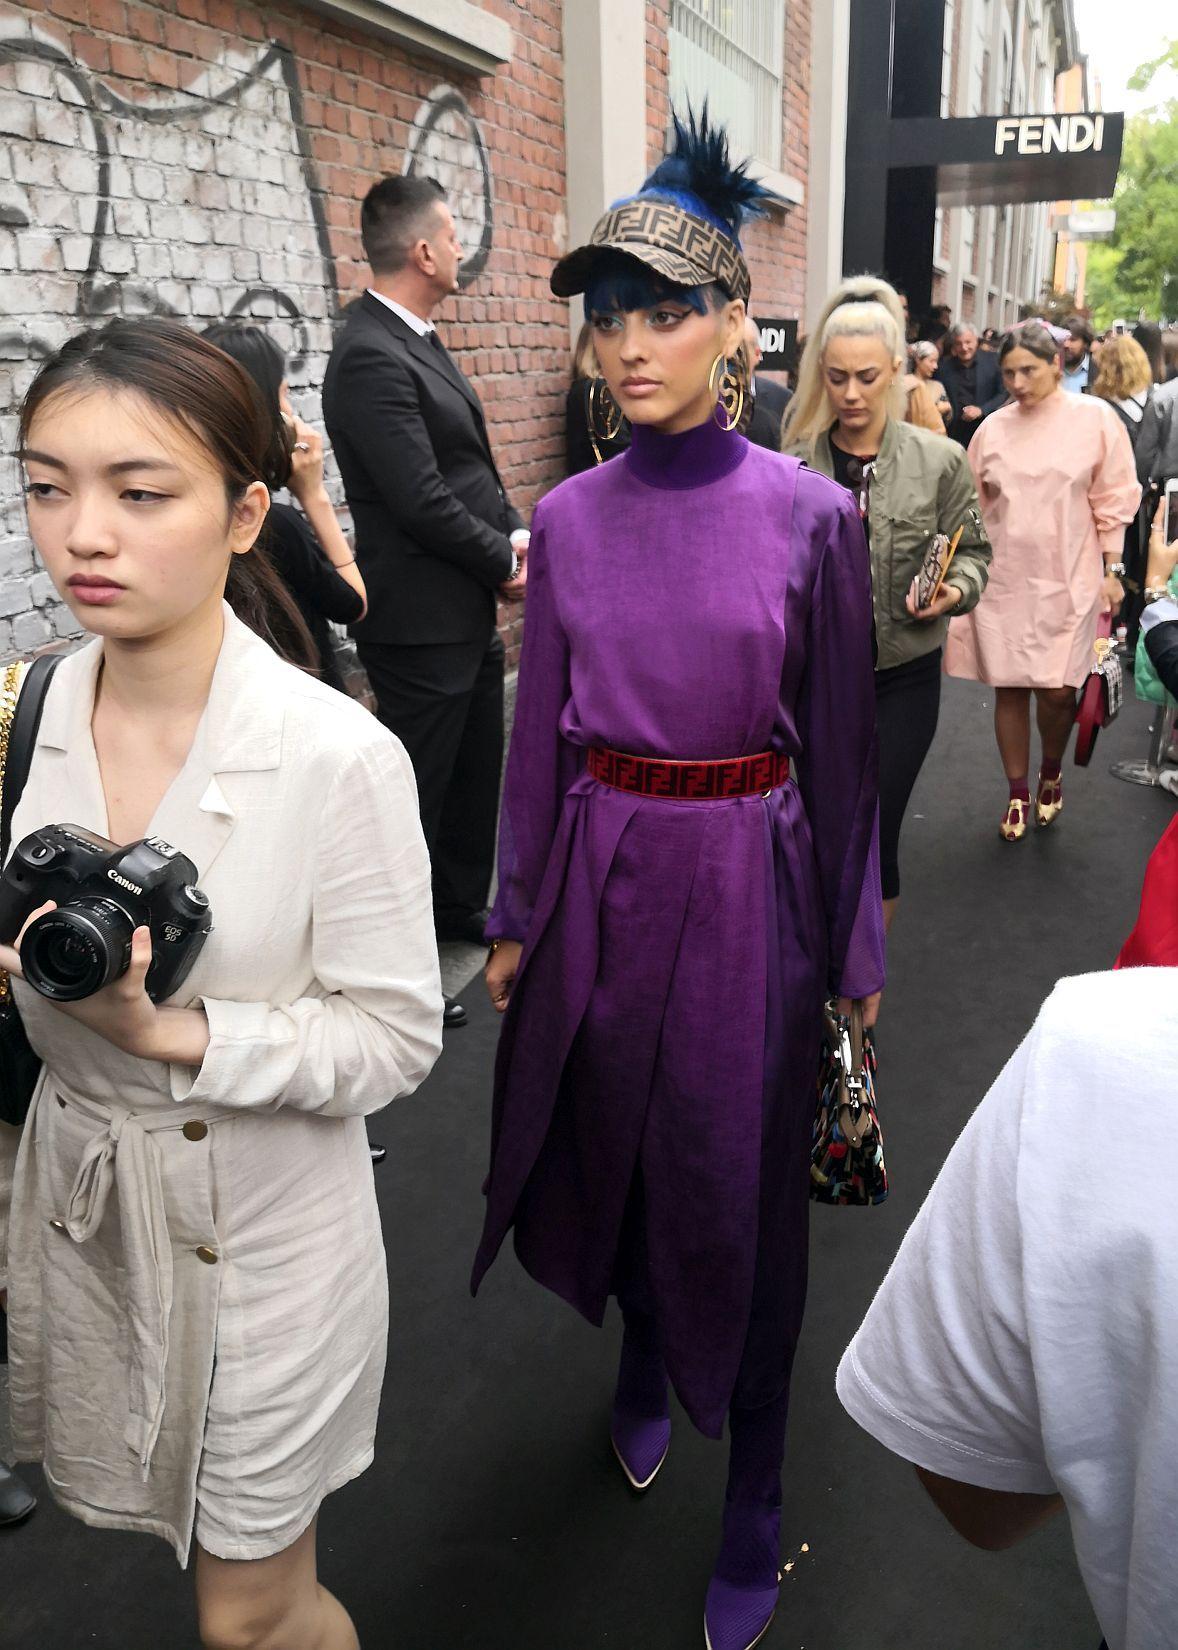 Fendi_Milan-Fashion-Week_street-style_spring-2020_september-2019_08